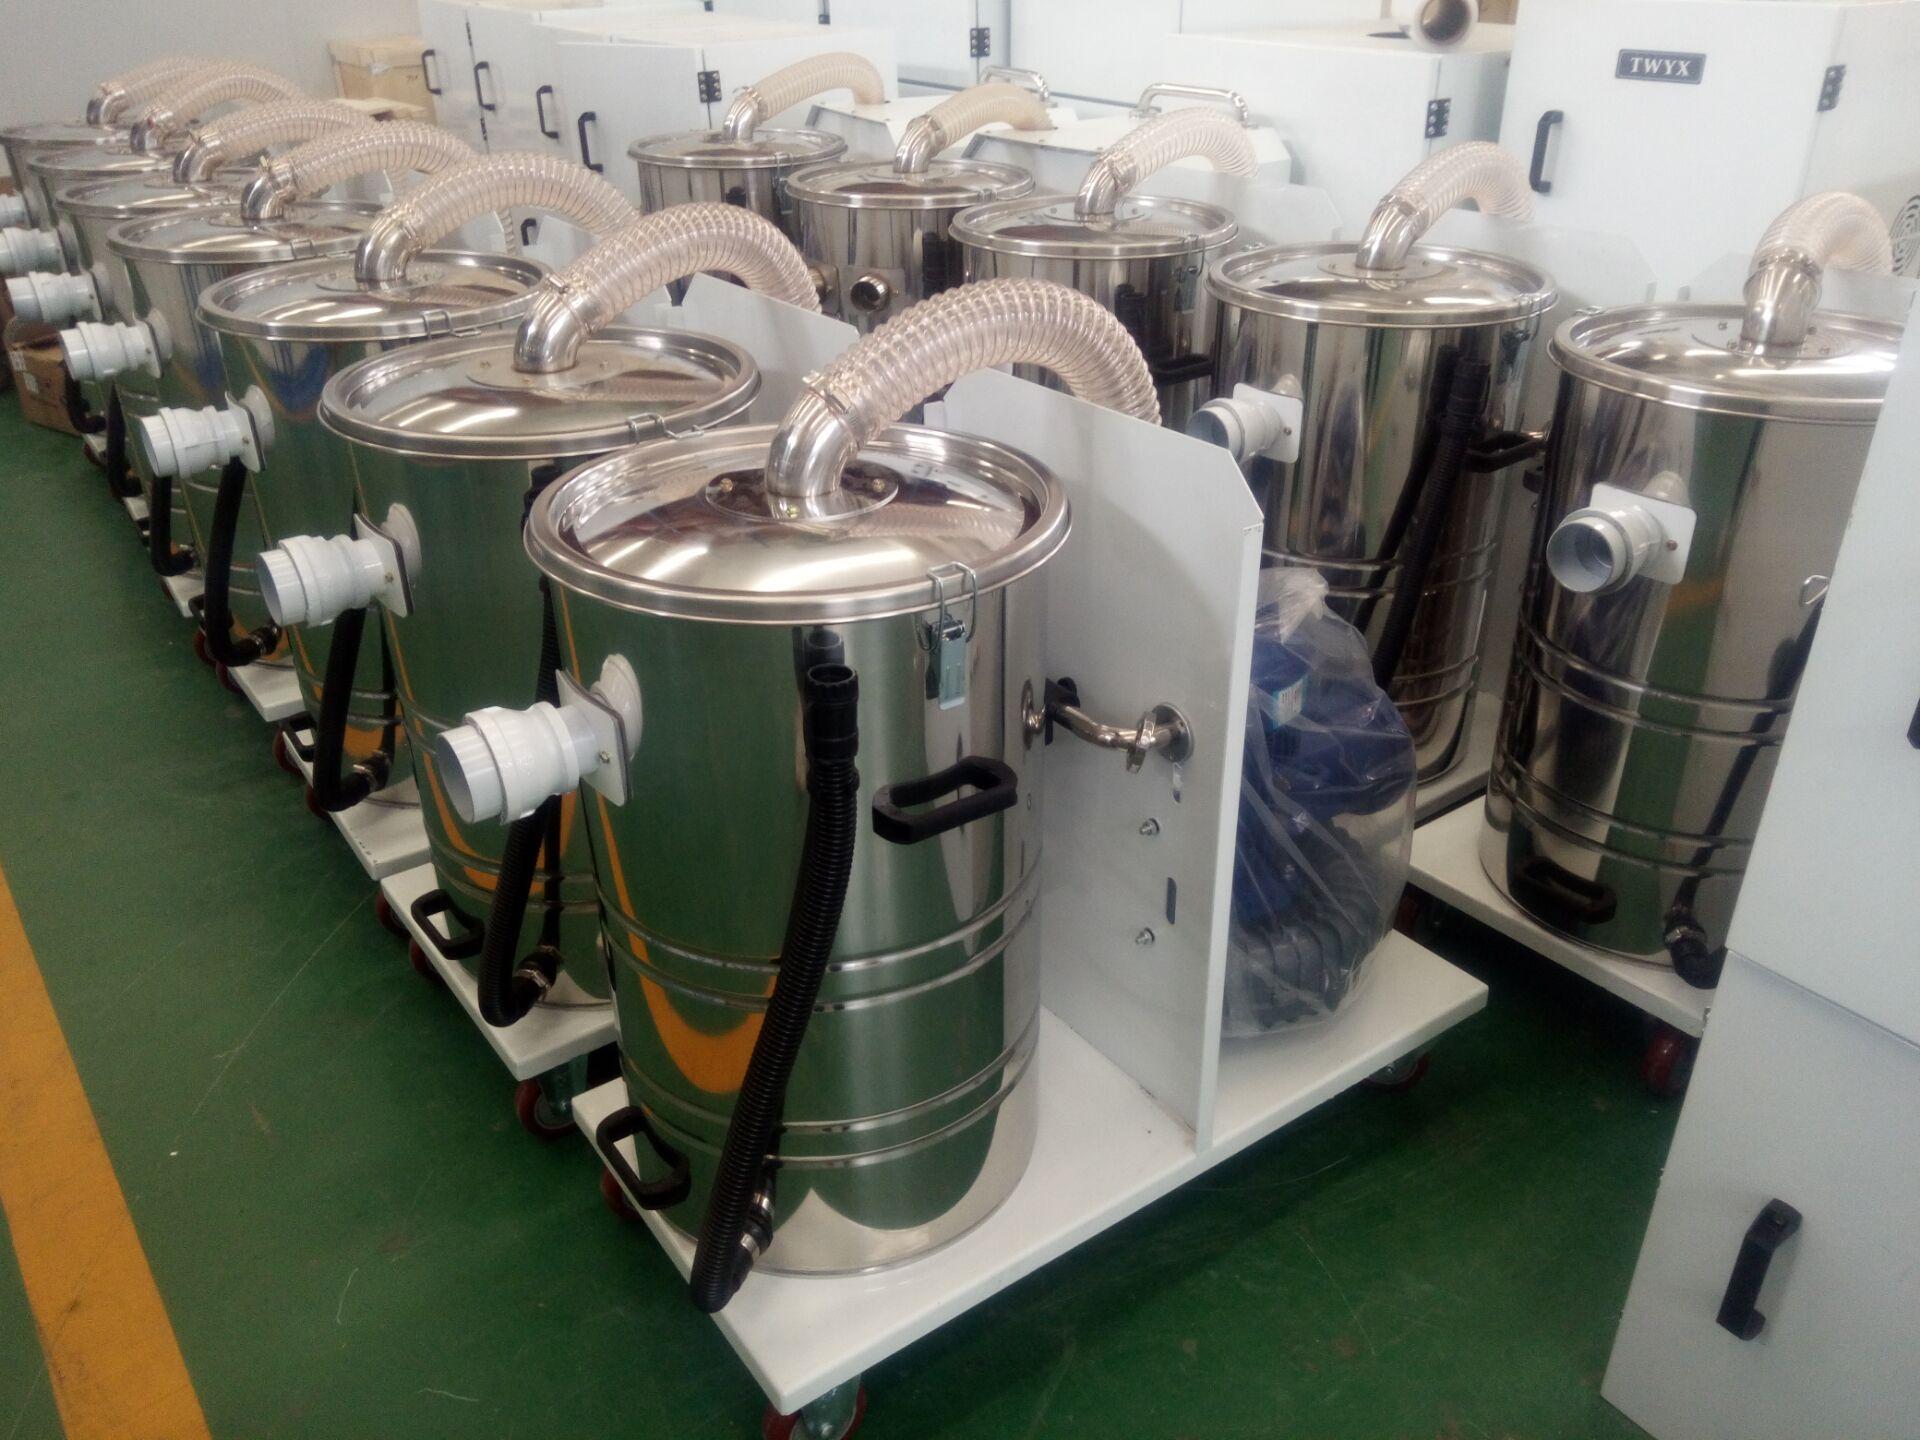 生产厂家直销工业移动式吸尘器 集尘机 固定式吸尘器 双桶吸尘器示例图17